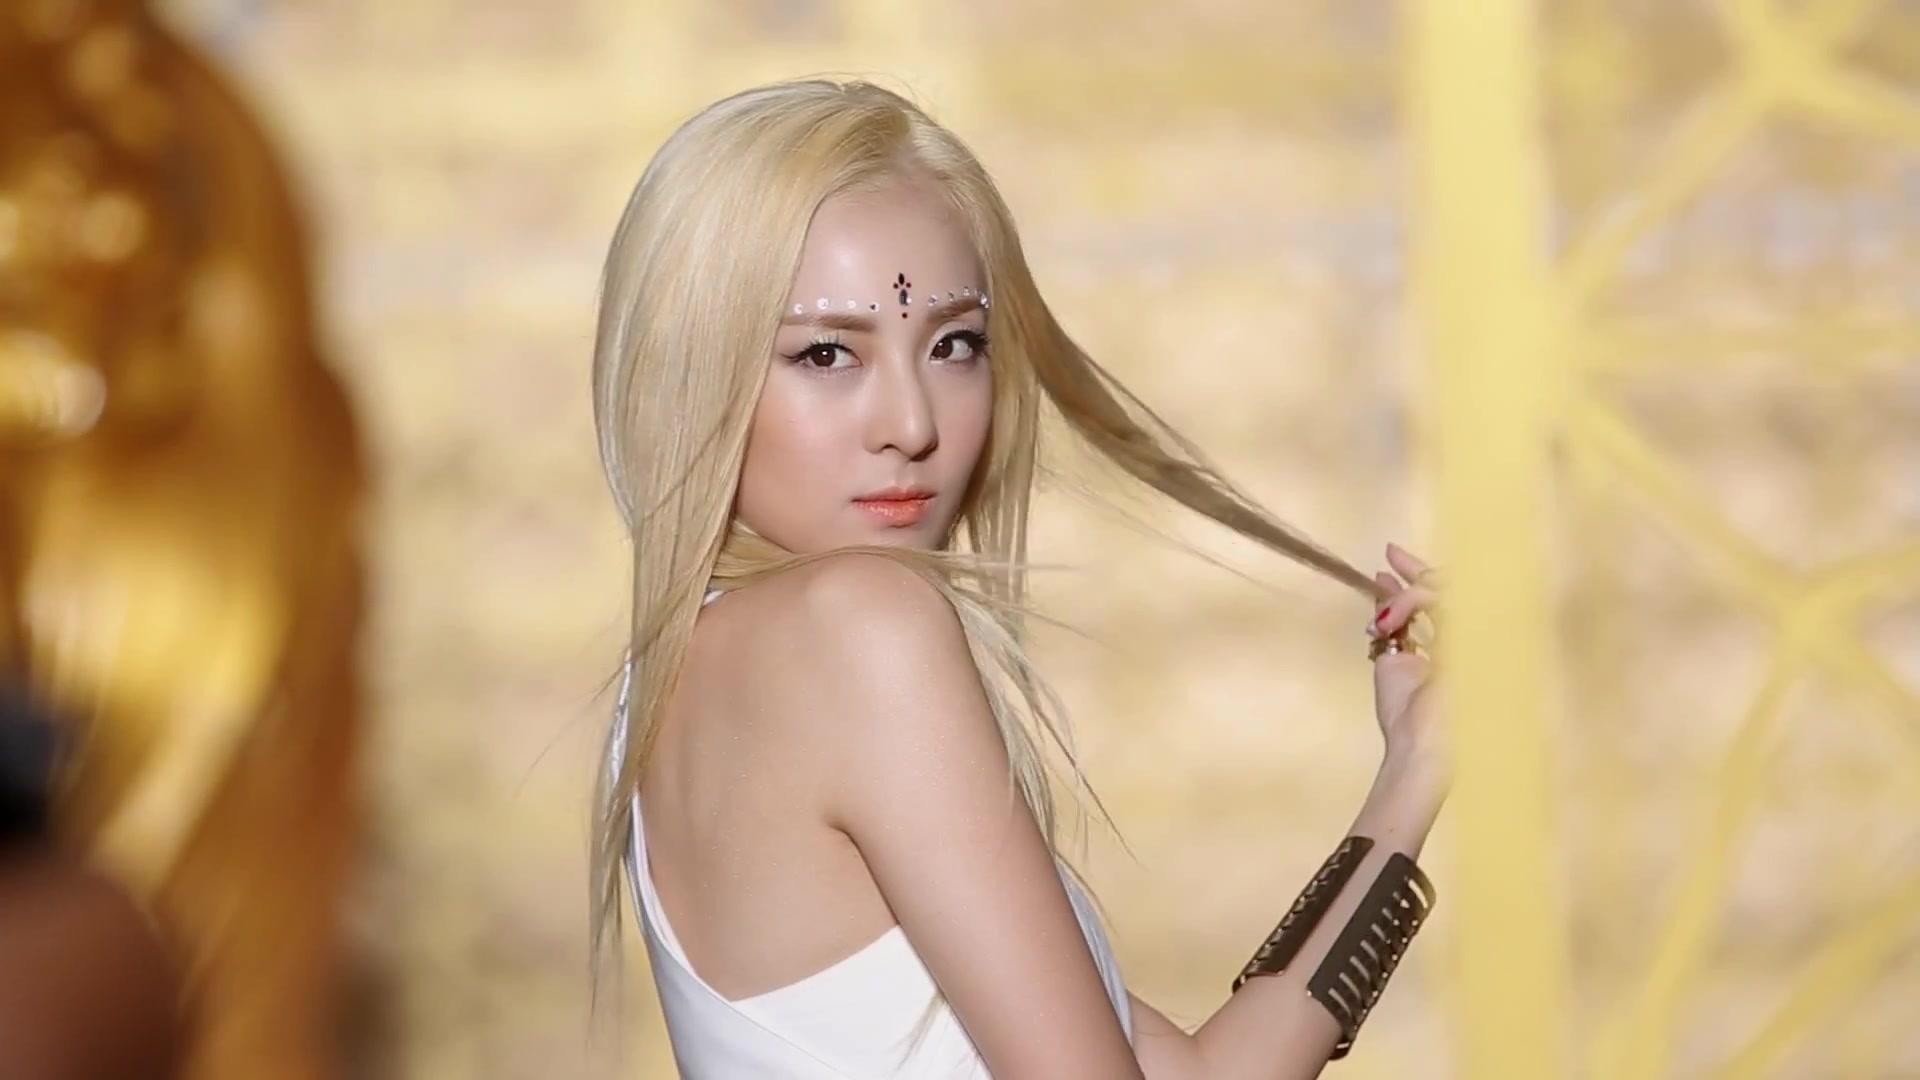 2NE1 - FALLING IN LOVE M V Making Film 3768Dara Falling In Love Nails